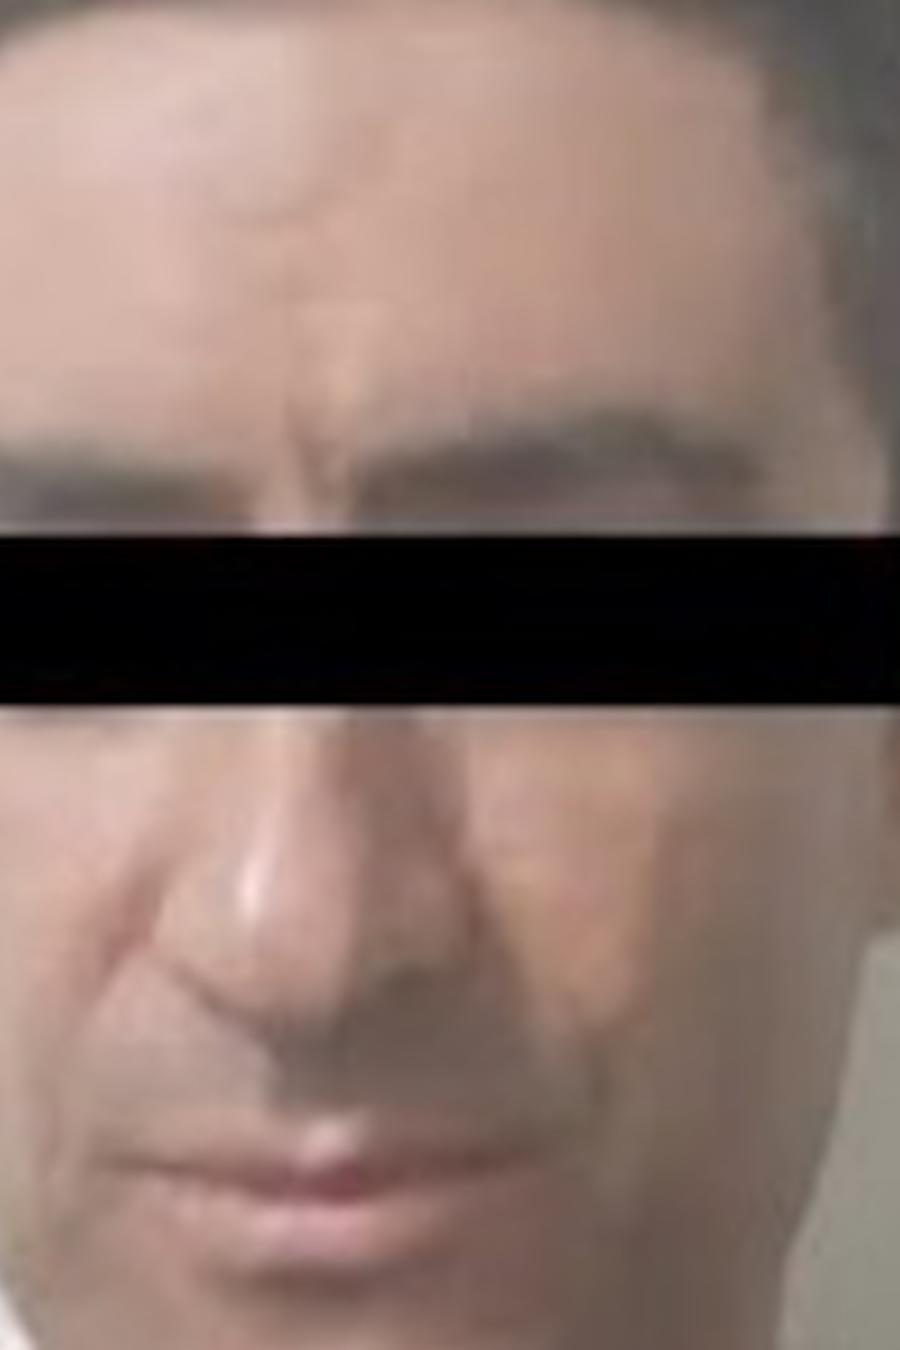 El acusado fue capturado a través de una orden de aprehensión desde el pasado mes de abril.